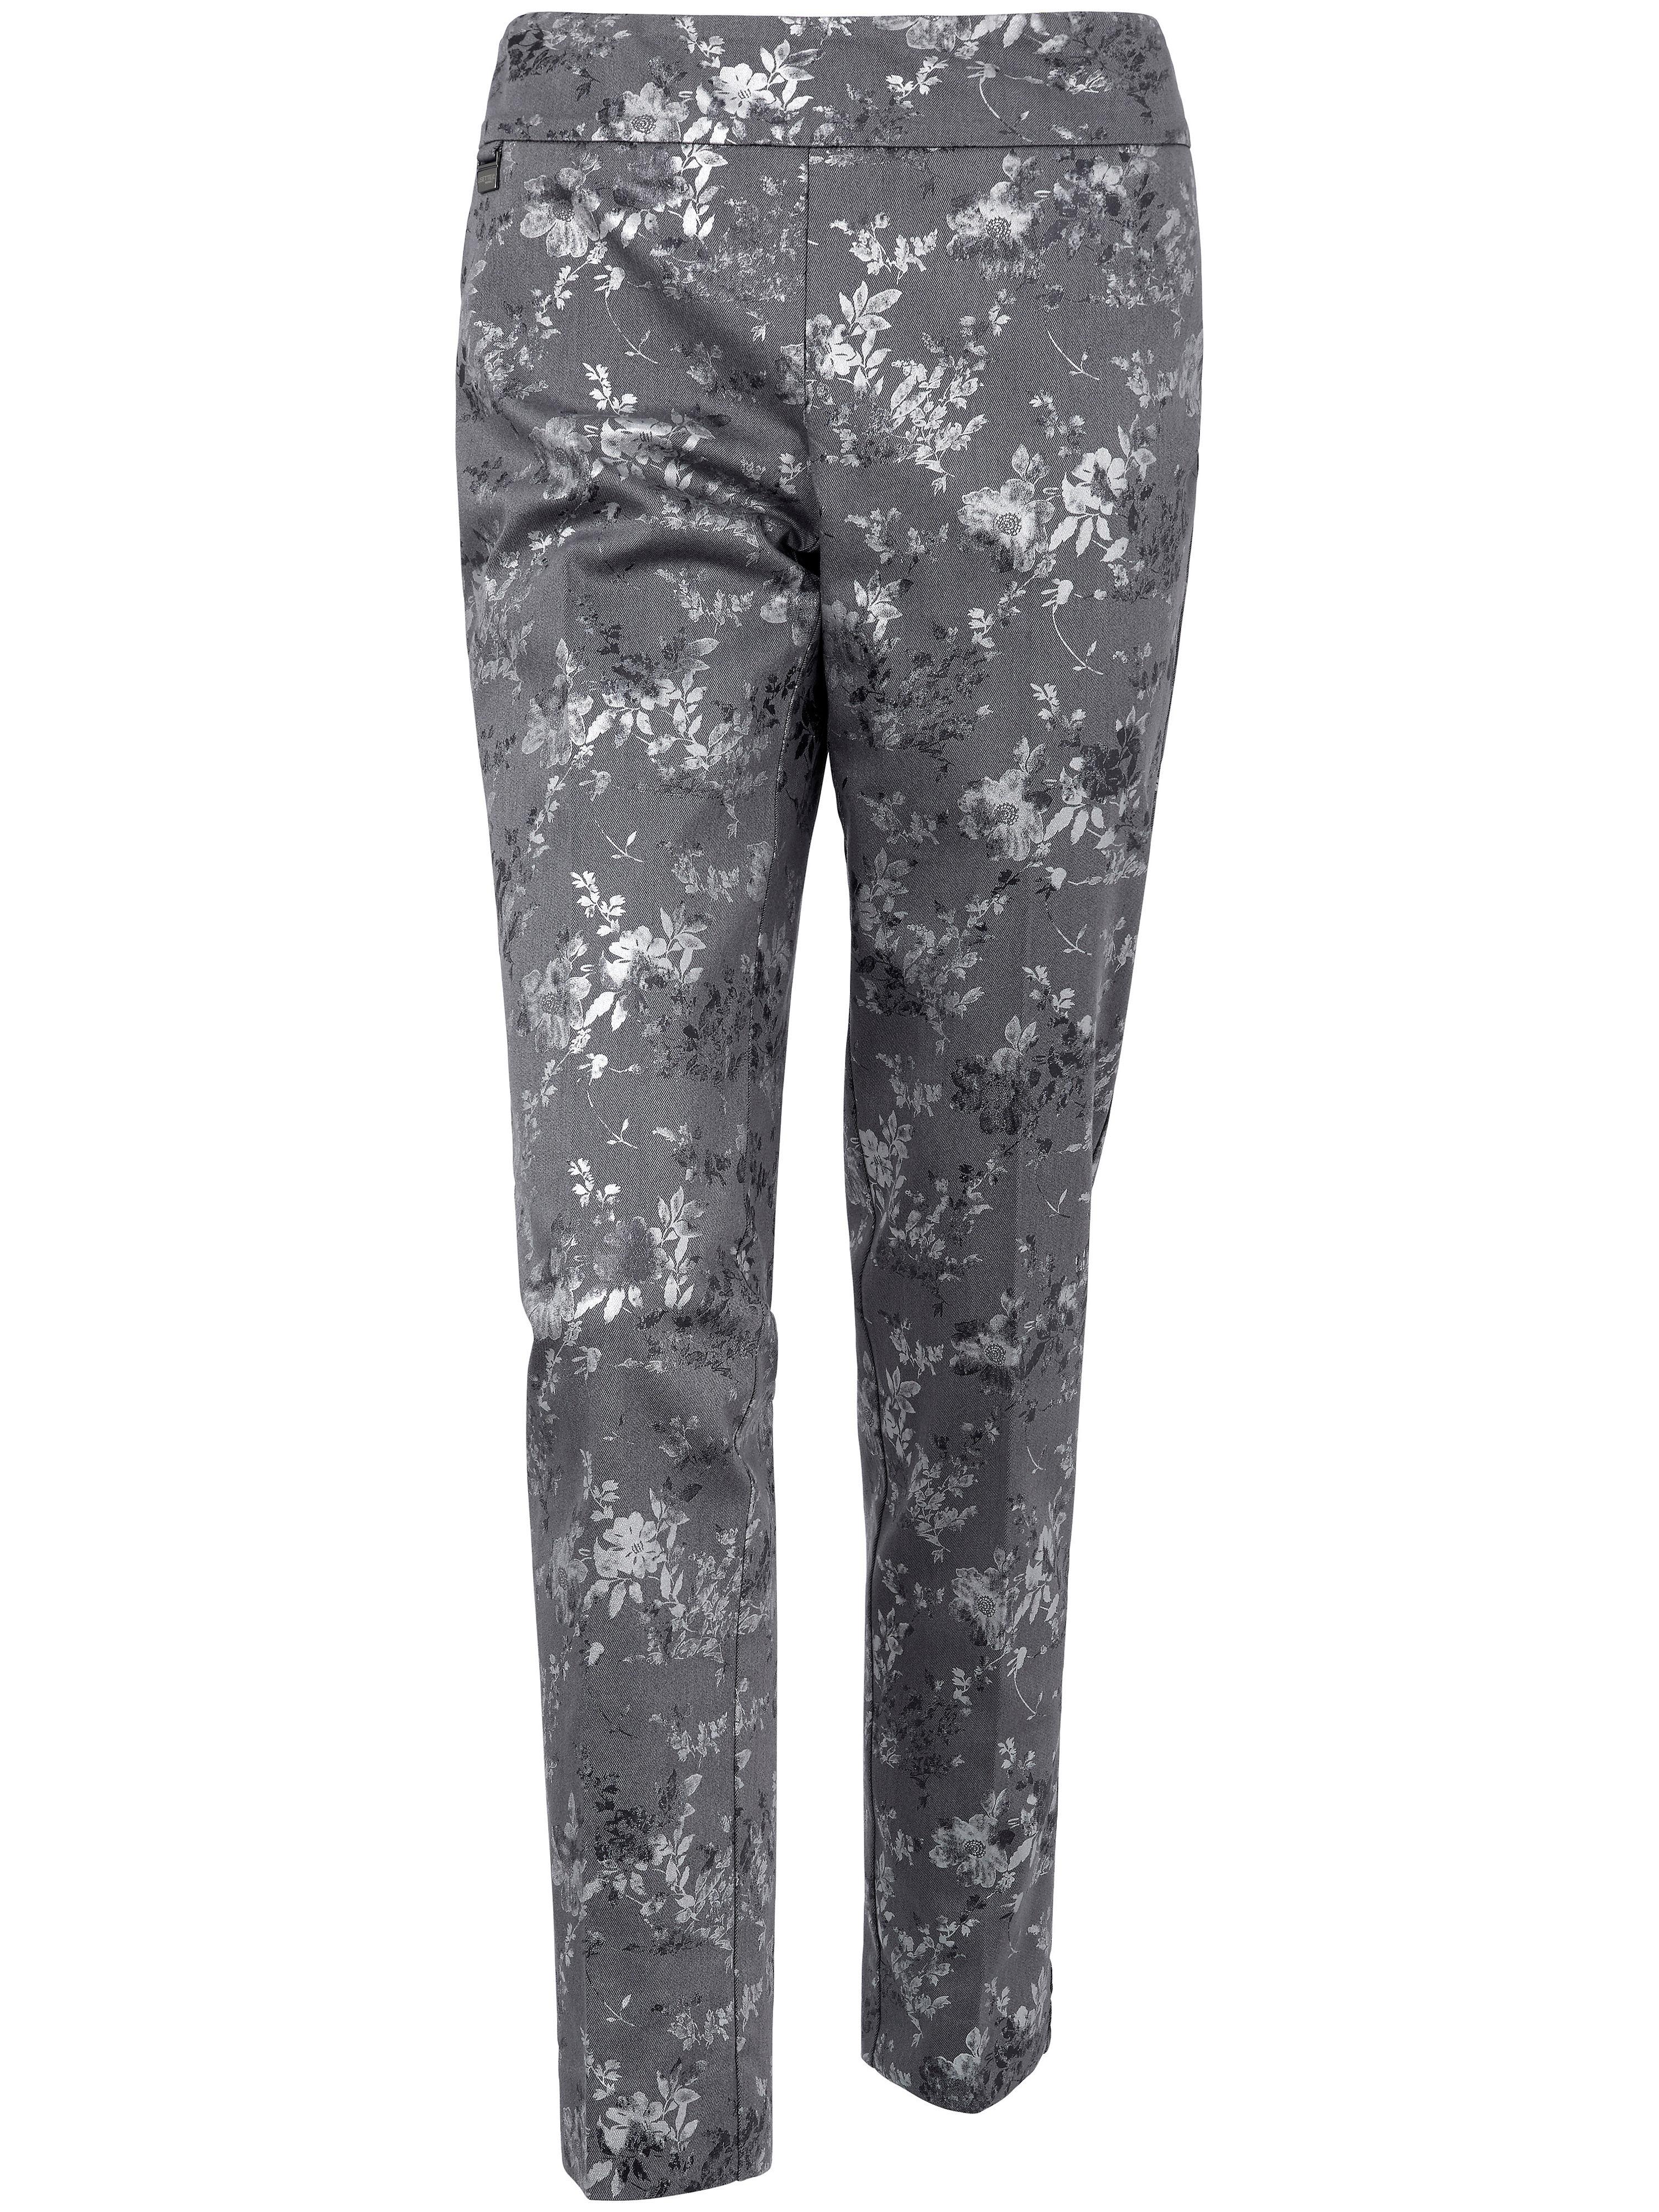 Le pantalon modelant imprimé  Lisette L. gris